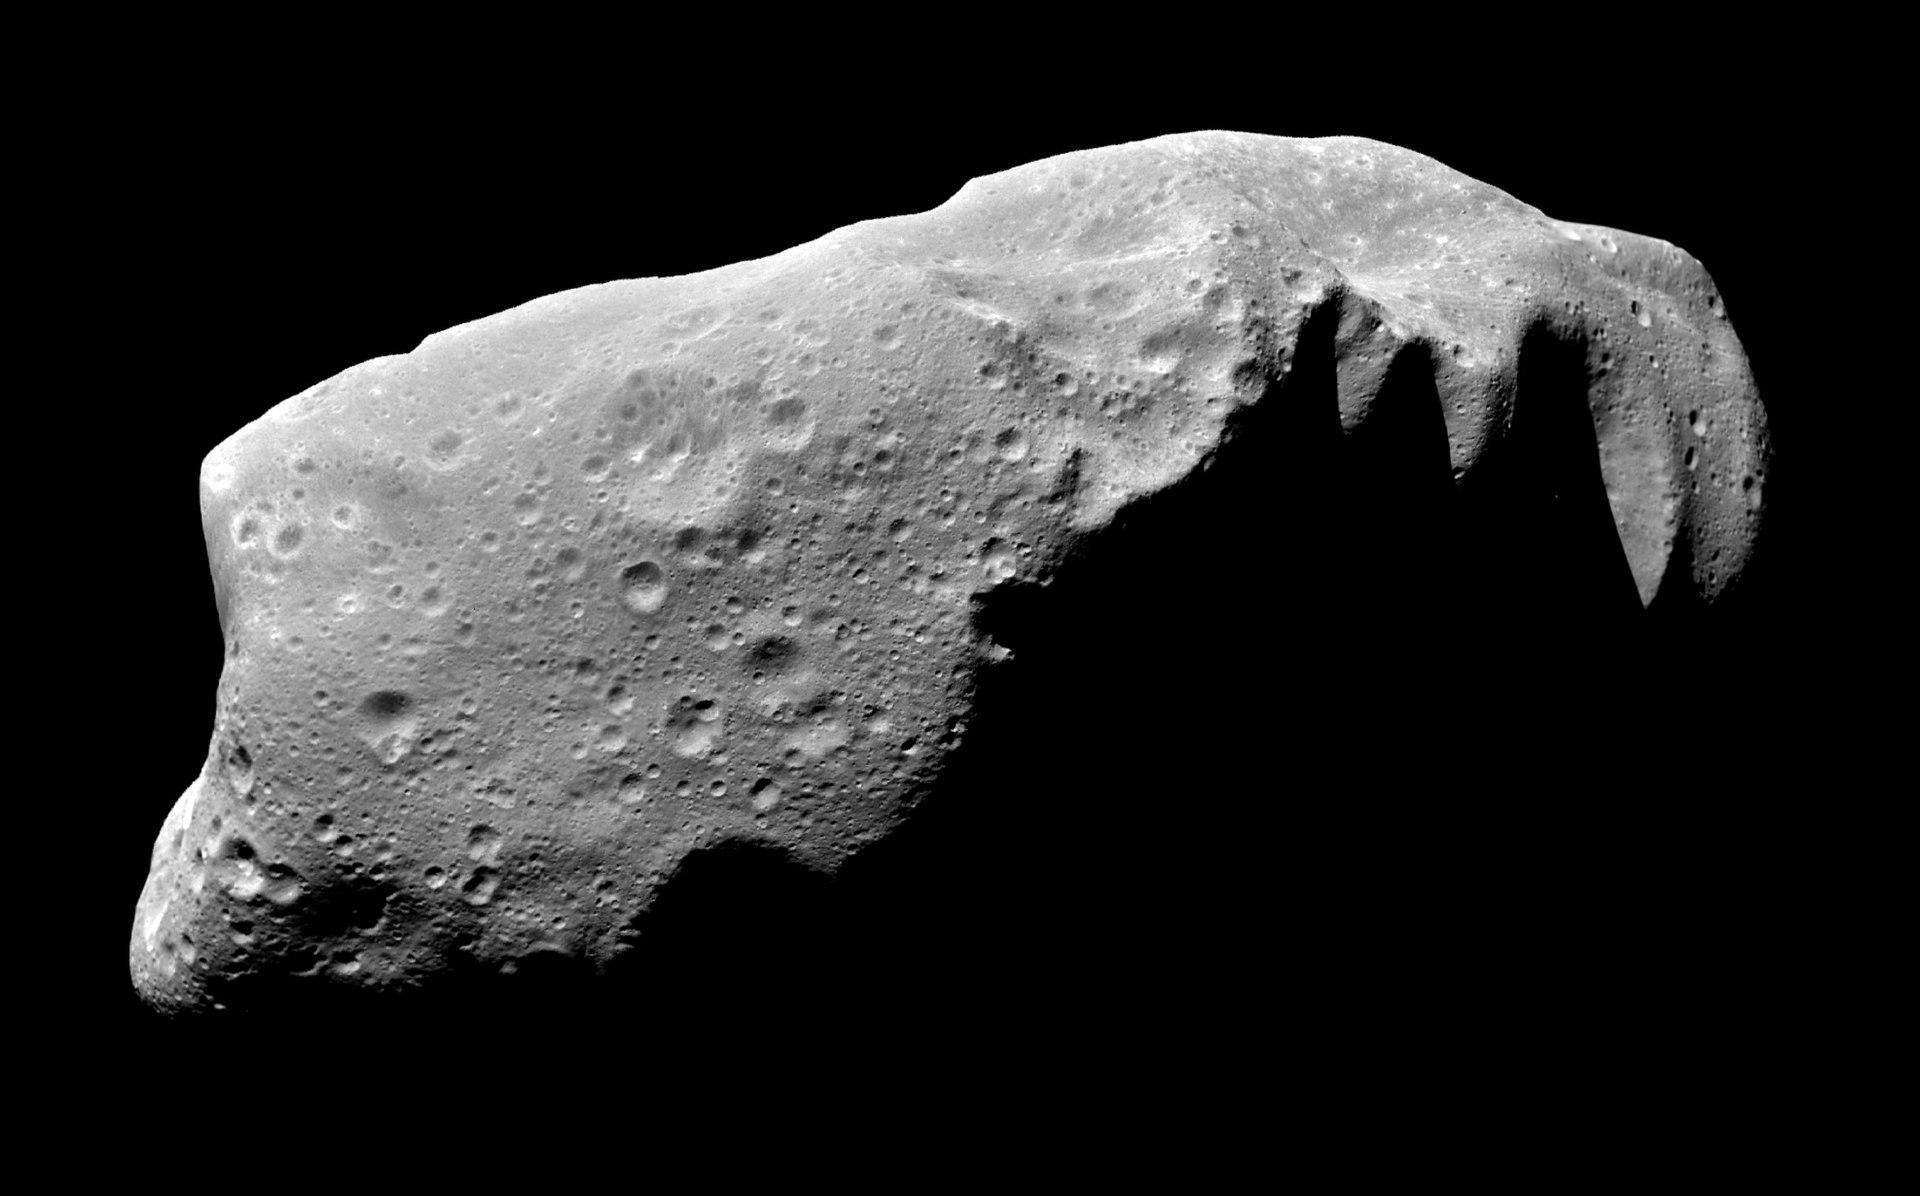 """Vypadal právě takto asteroid, který se před 66 miliony lety osudově střetl se Zemí? Je to možné, ačkoliv přesný původ tohoto """"temného a primitivního"""" poutníka Sluneční soustavou stále neznáme. Na složeném snímku planetka 243 Ida, navštívená v roce 19"""